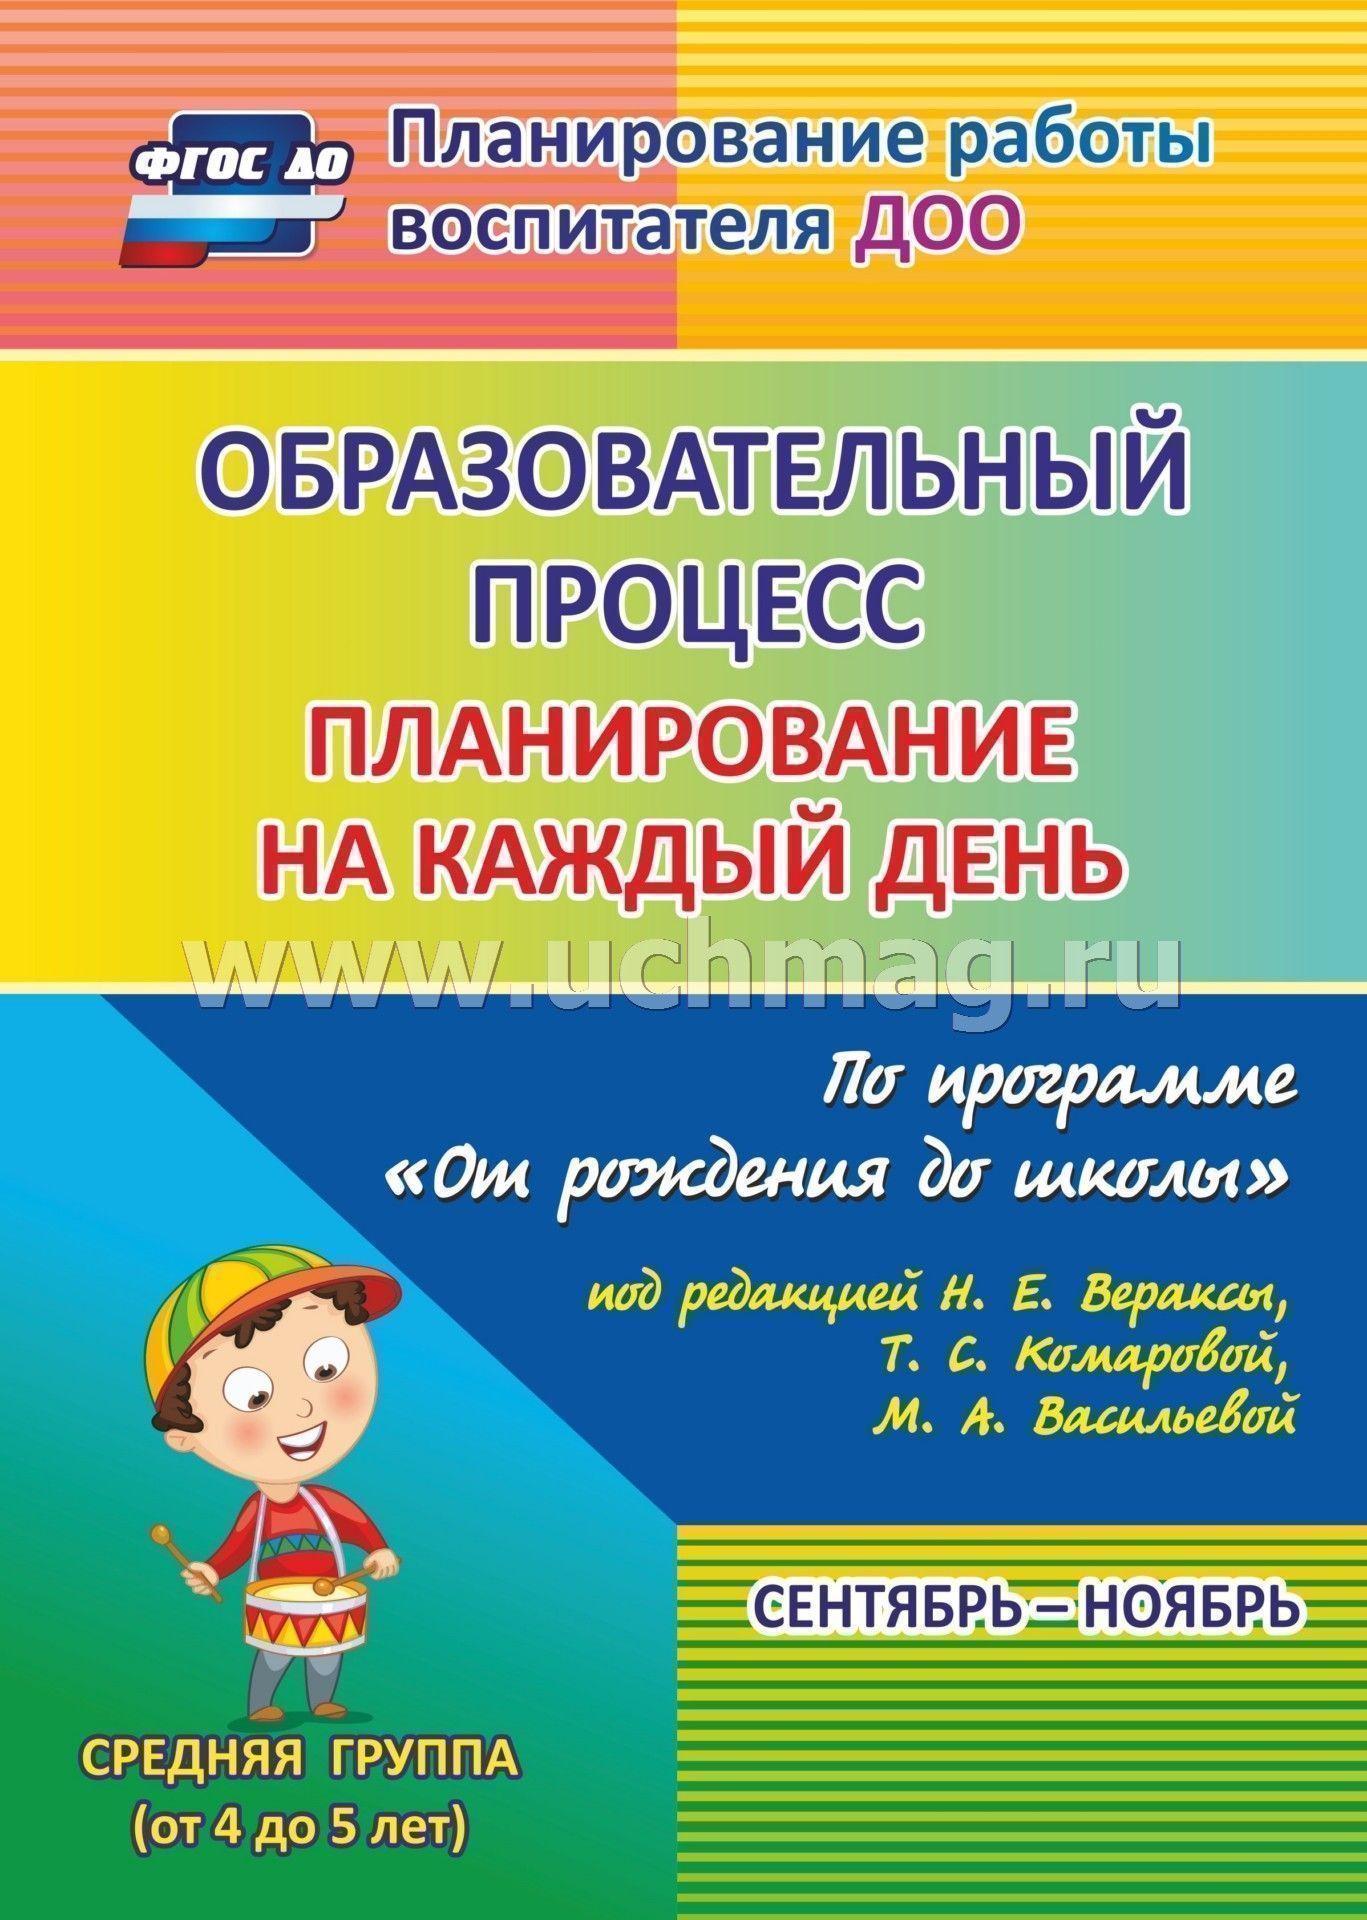 Программу обучения и воспитания в детском саду под редакцией васильевой скачать бесплатно бесплатное обучение с дальнейшем трудоустройством